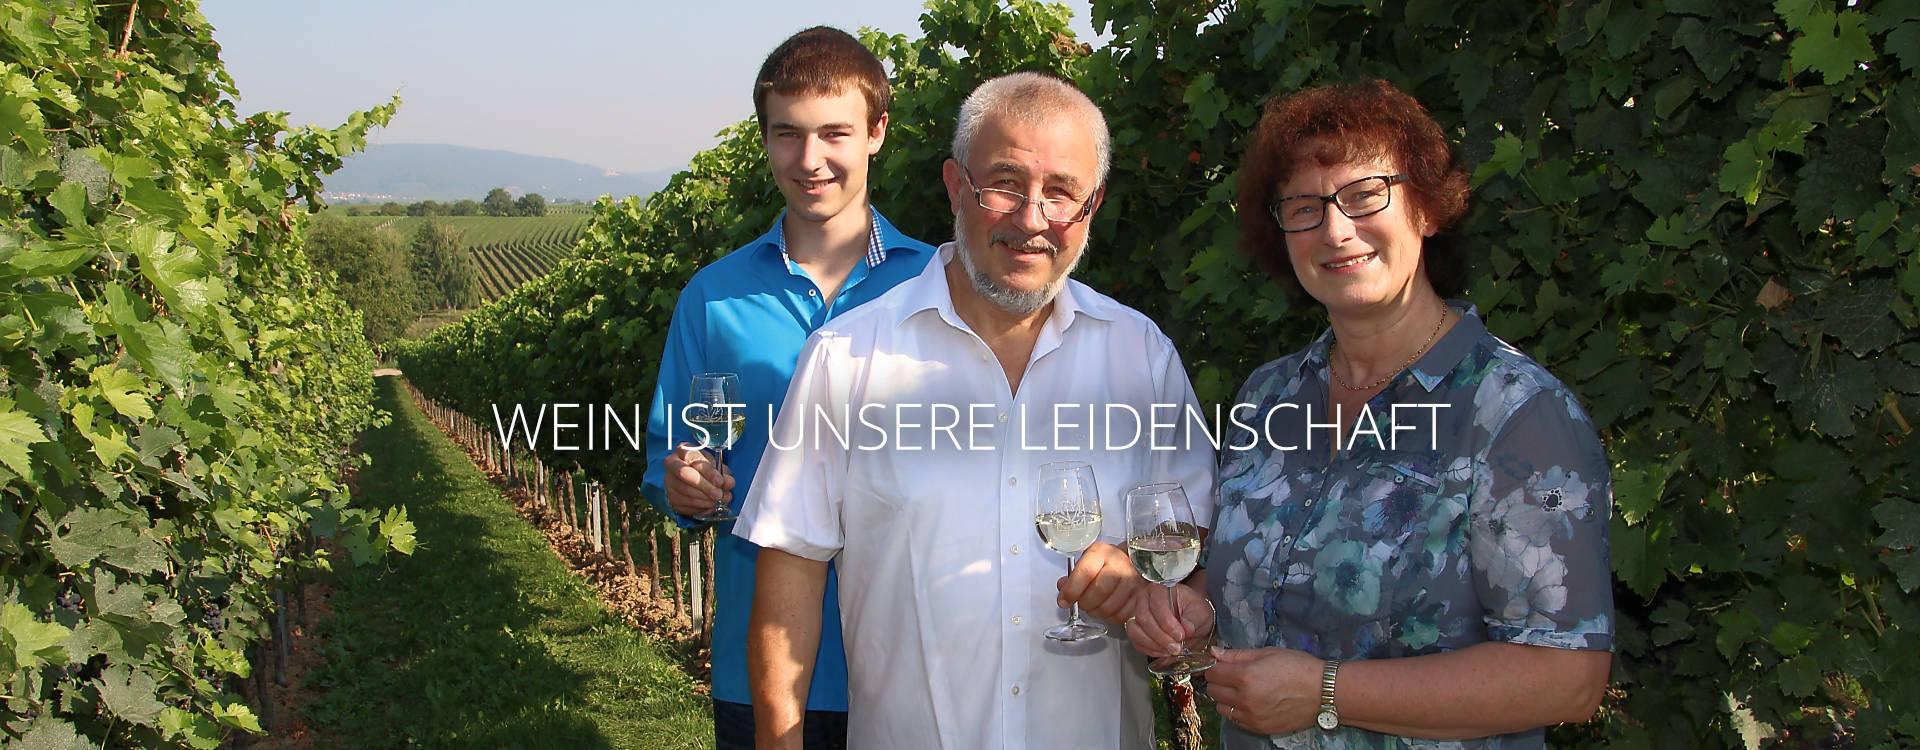 Winzerfamilie Roth aus Roschbach im Weinberg